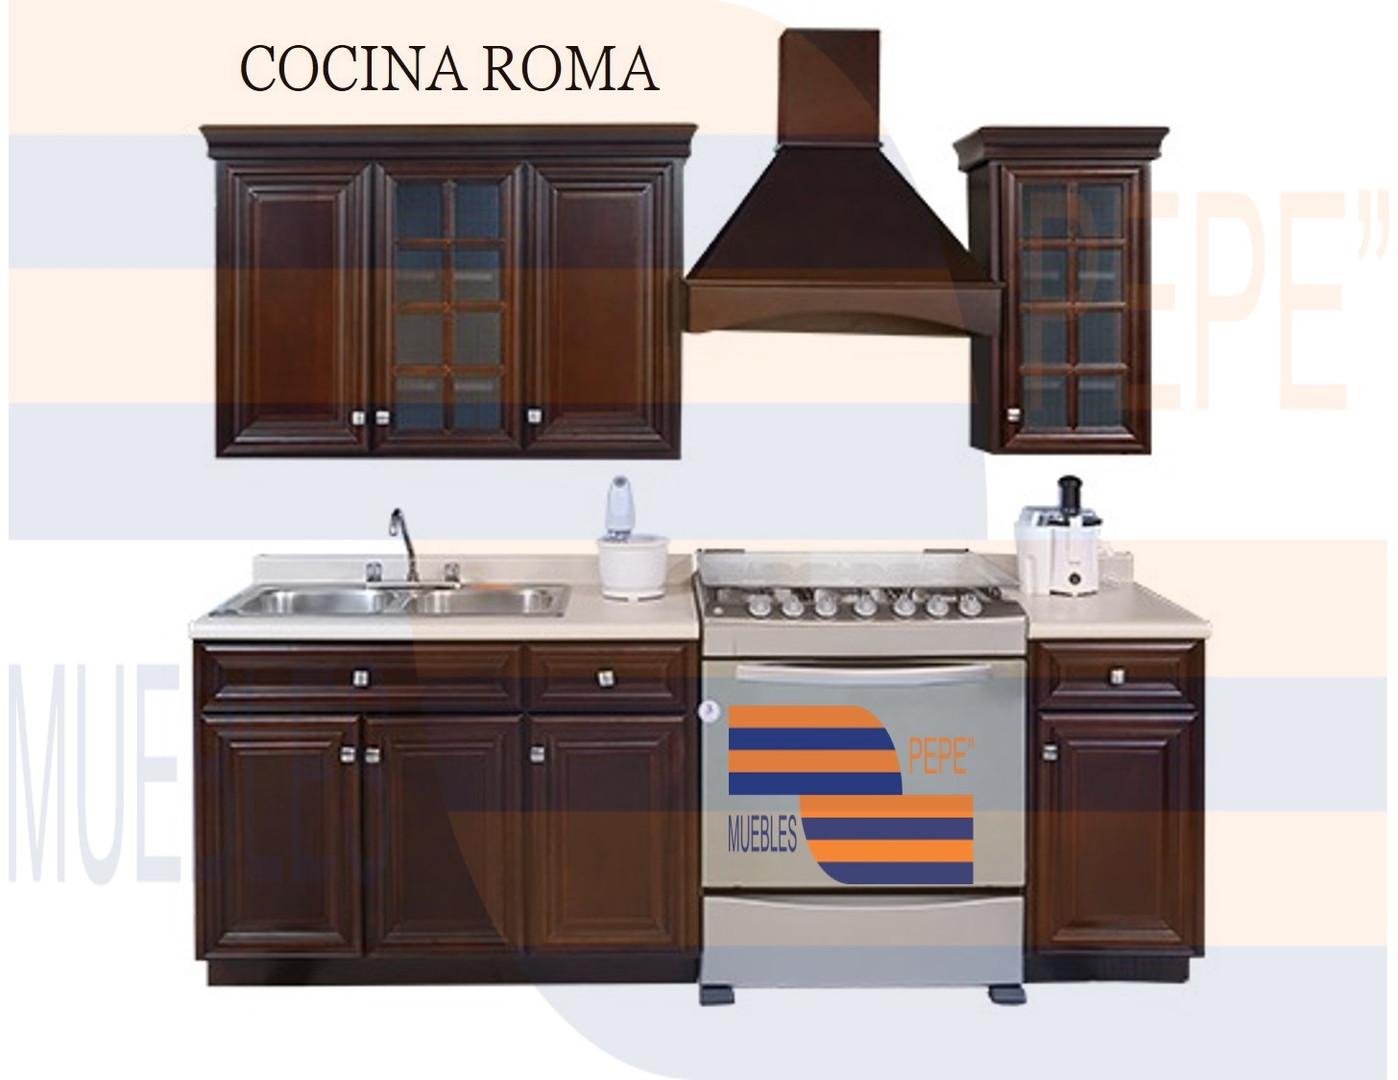 COCINA ROMA